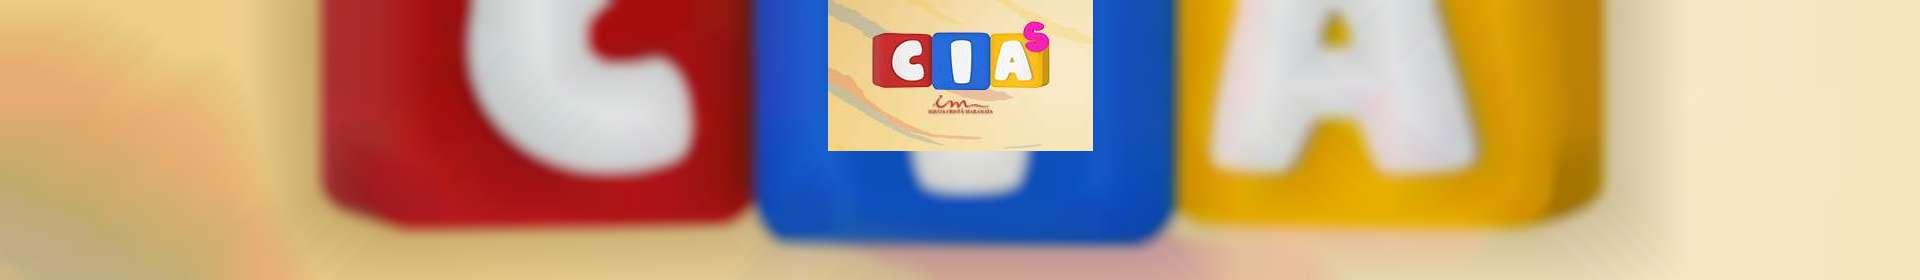 Aula de CIAS: classe de 07 a 11 anos - 14 de maio de 2020